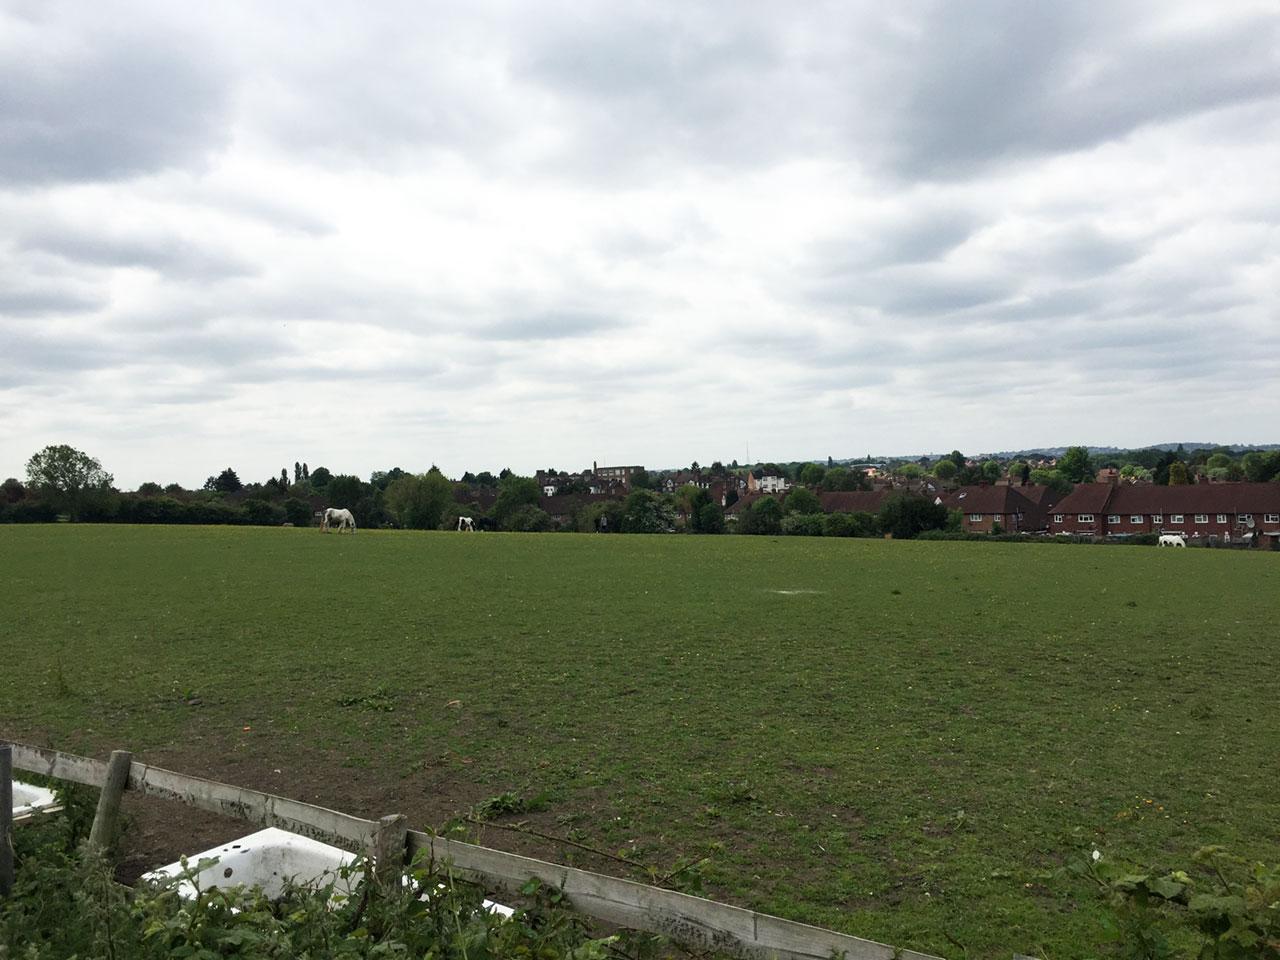 A paddock near Eltham Palace, London